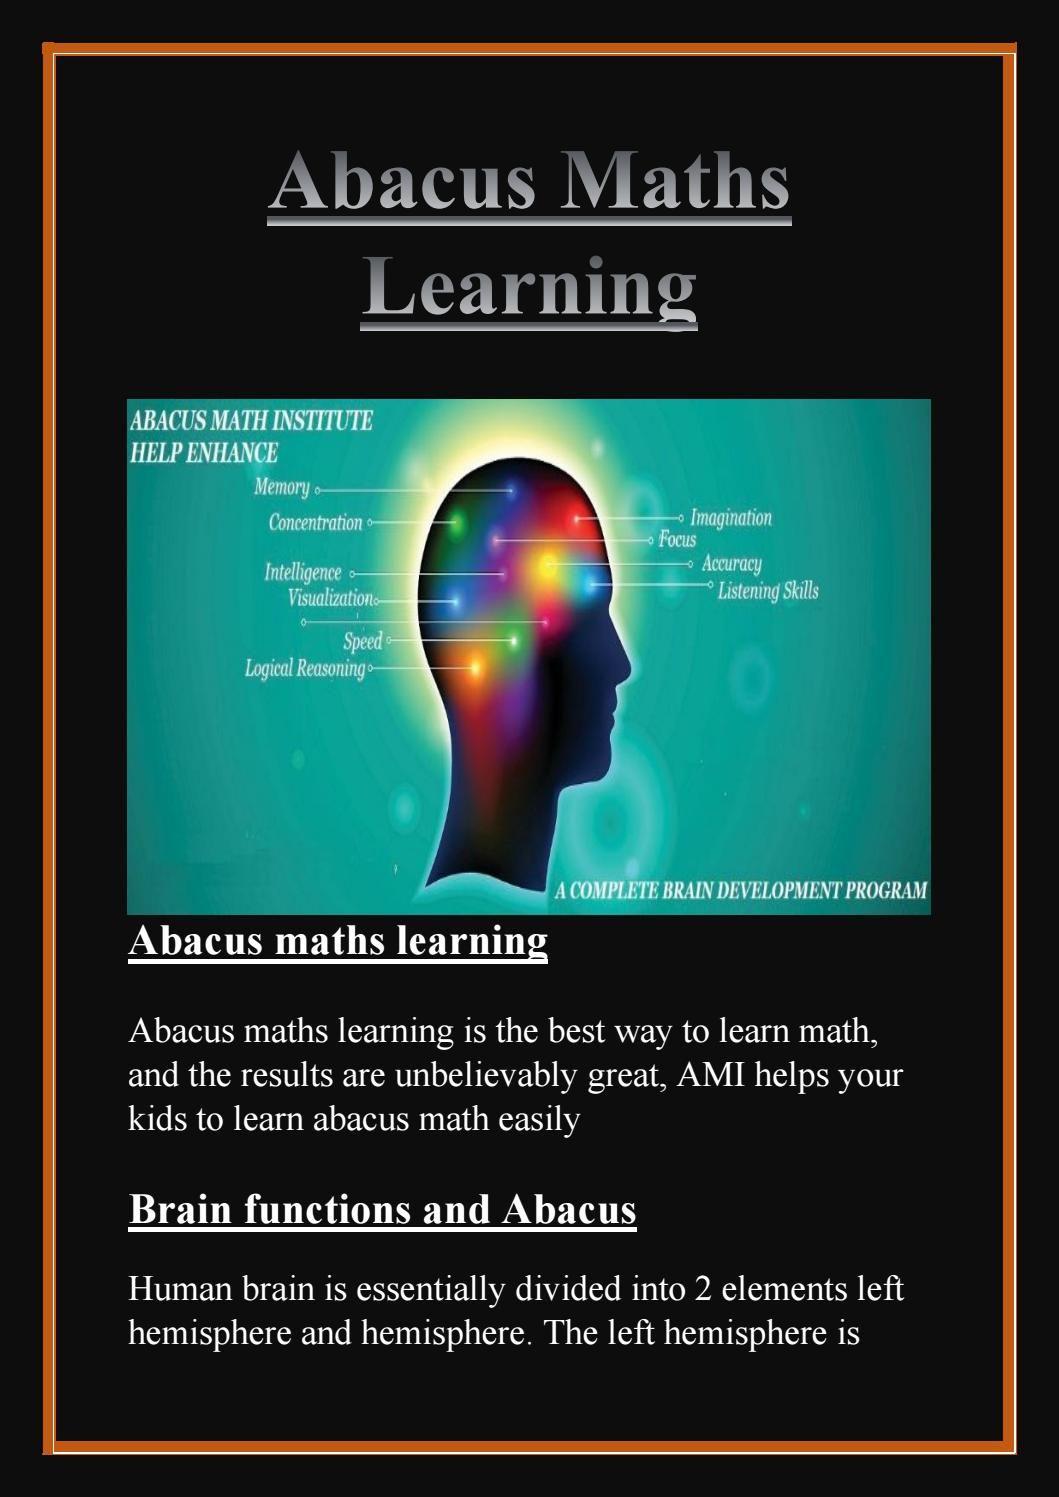 Abacus maths learning - Abacusmathinstitute | Pinterest | Abacus ...